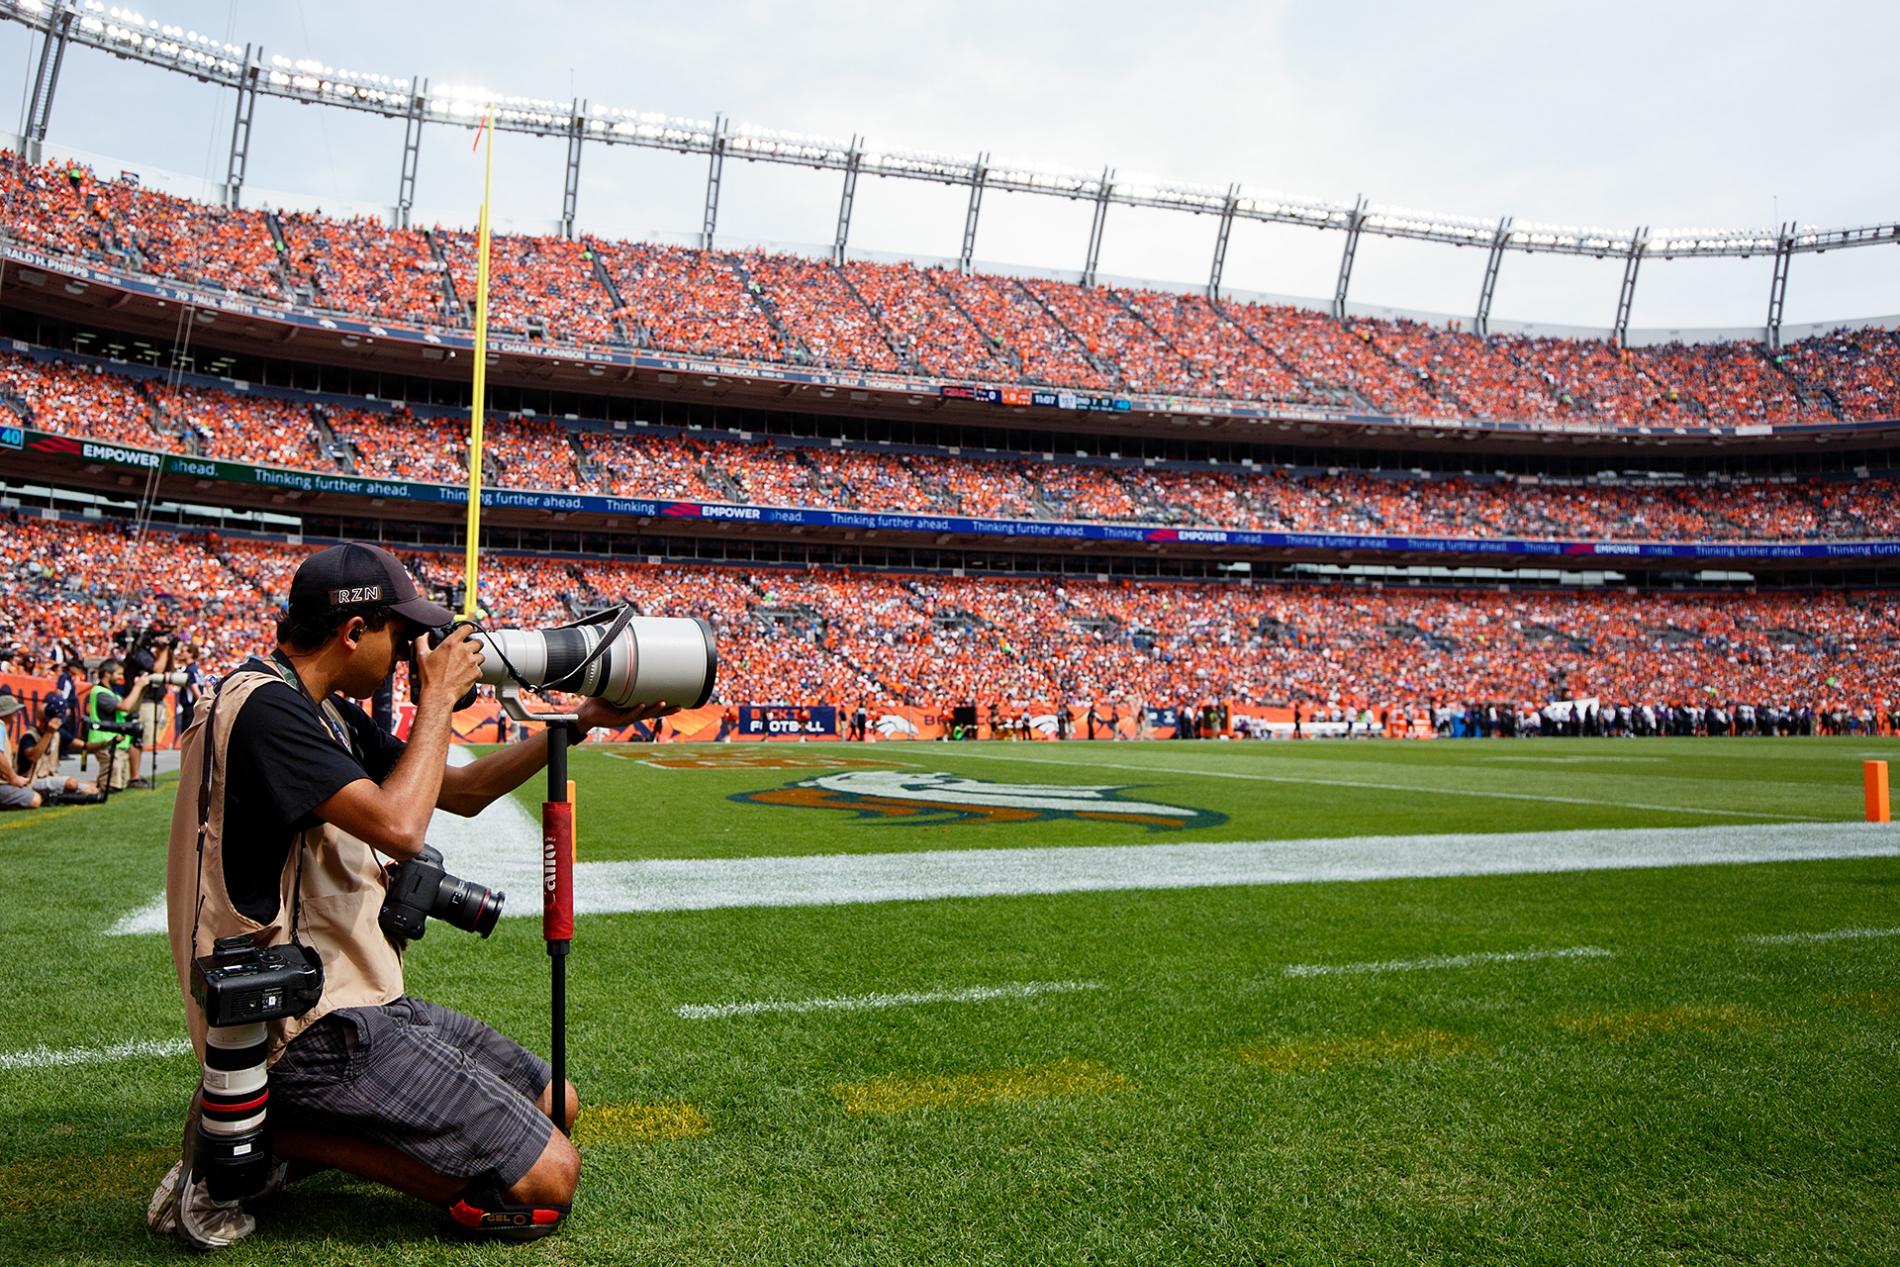 Justin Edmonds is a Denver-based photographer